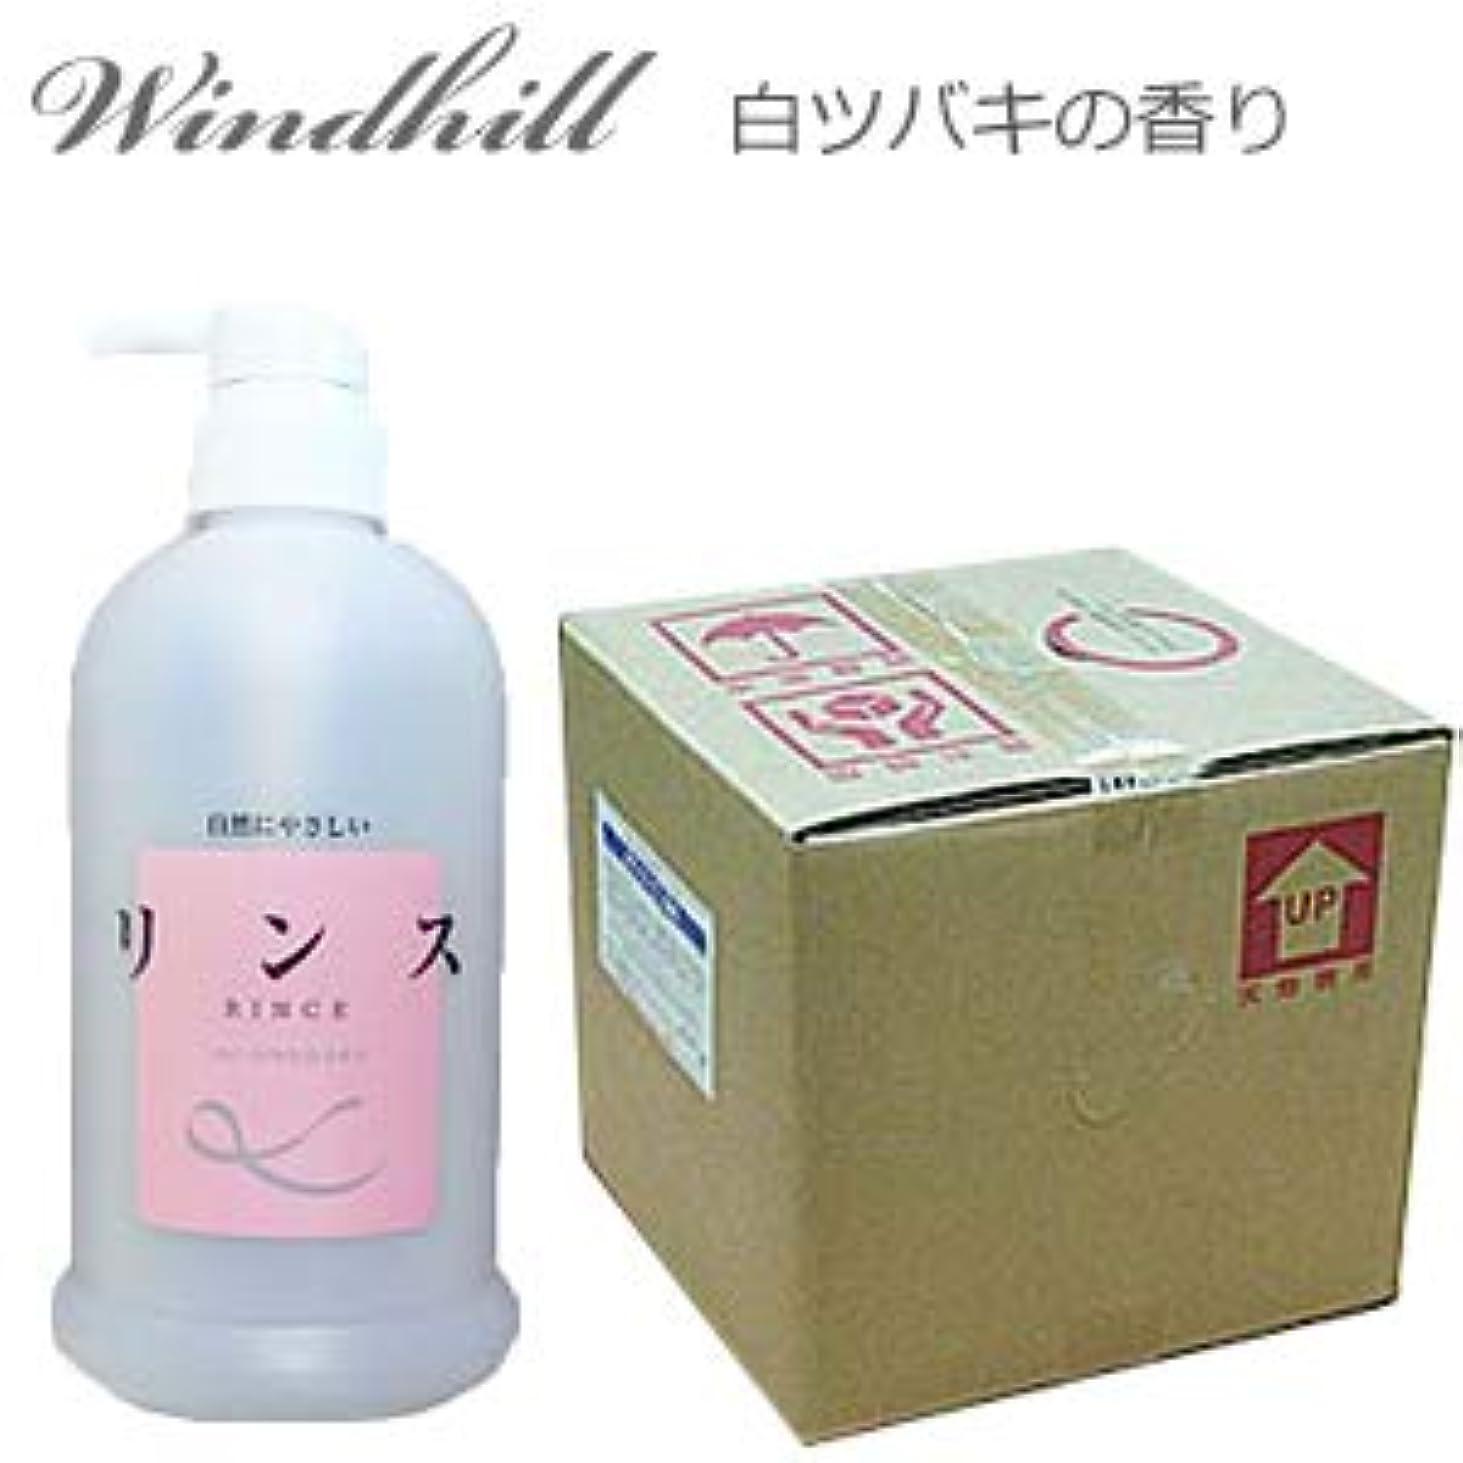 代わりの補助サーフィンなんと! 500ml当り175円 Windhill 植物性 業務用 リンス 白ツバキの香り 20L